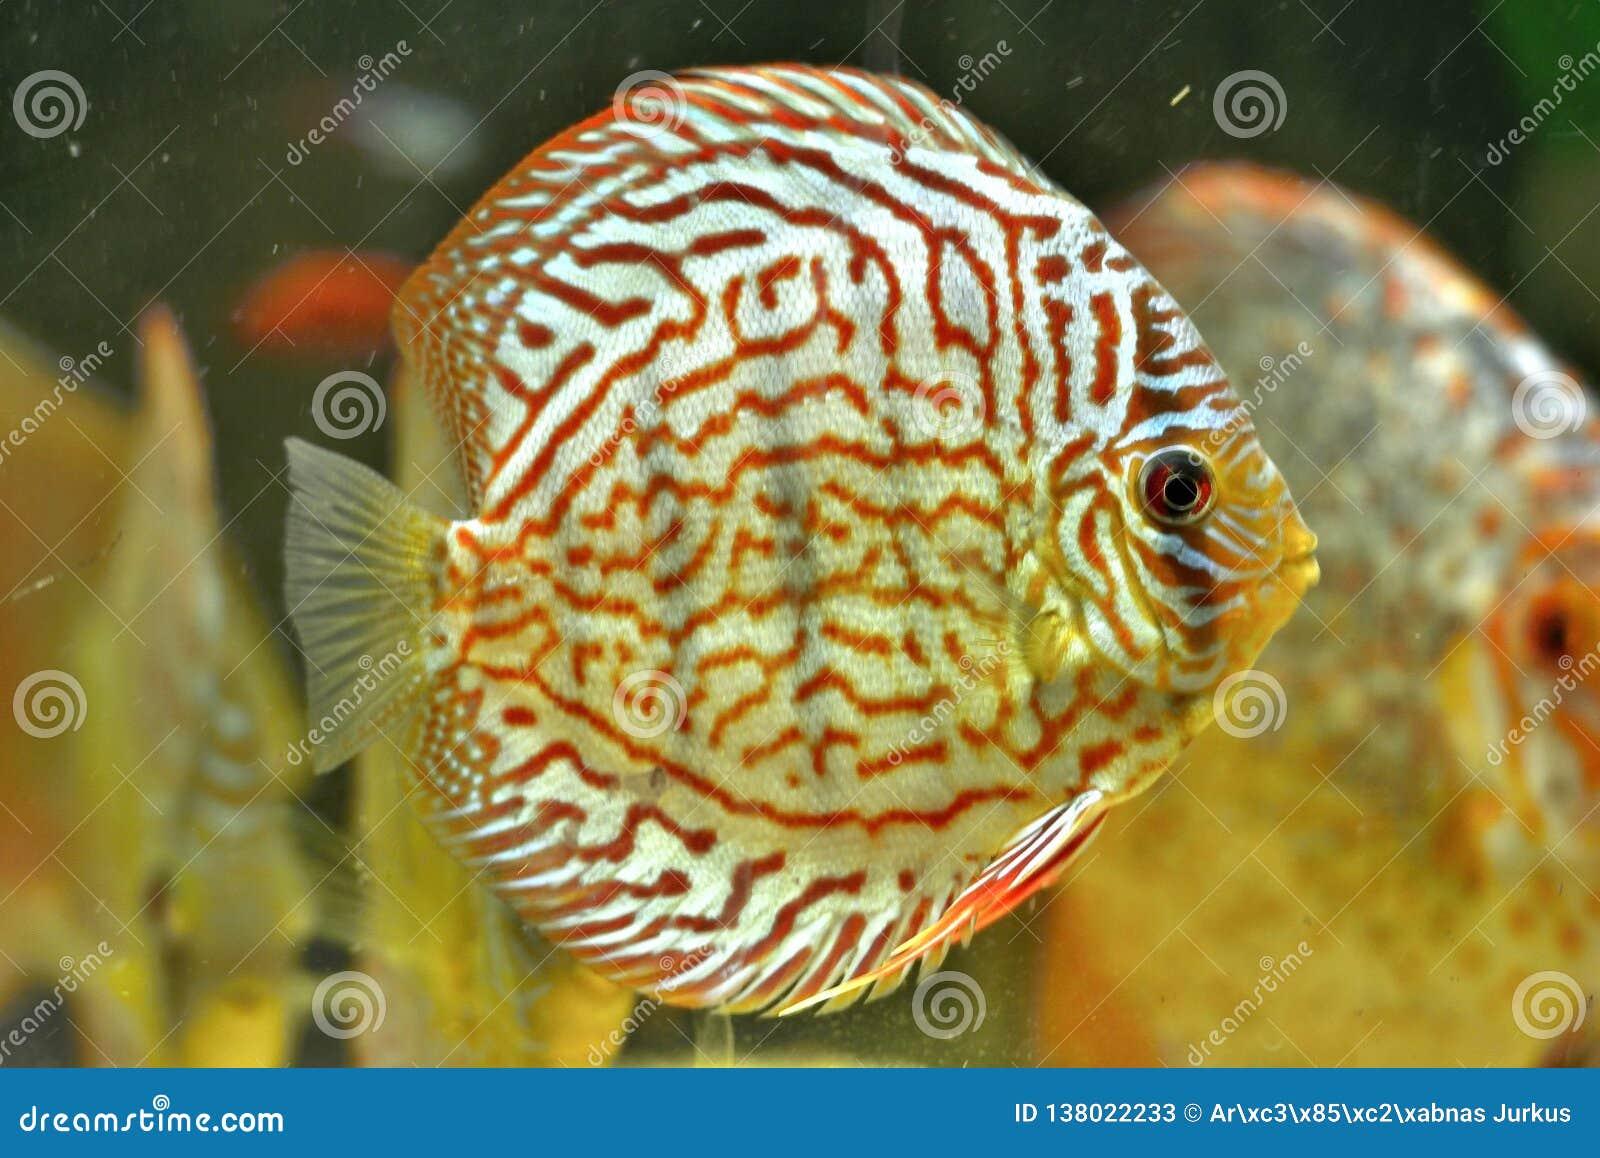 Peixes Symphysodon Aequifasciatus do disco no aquário